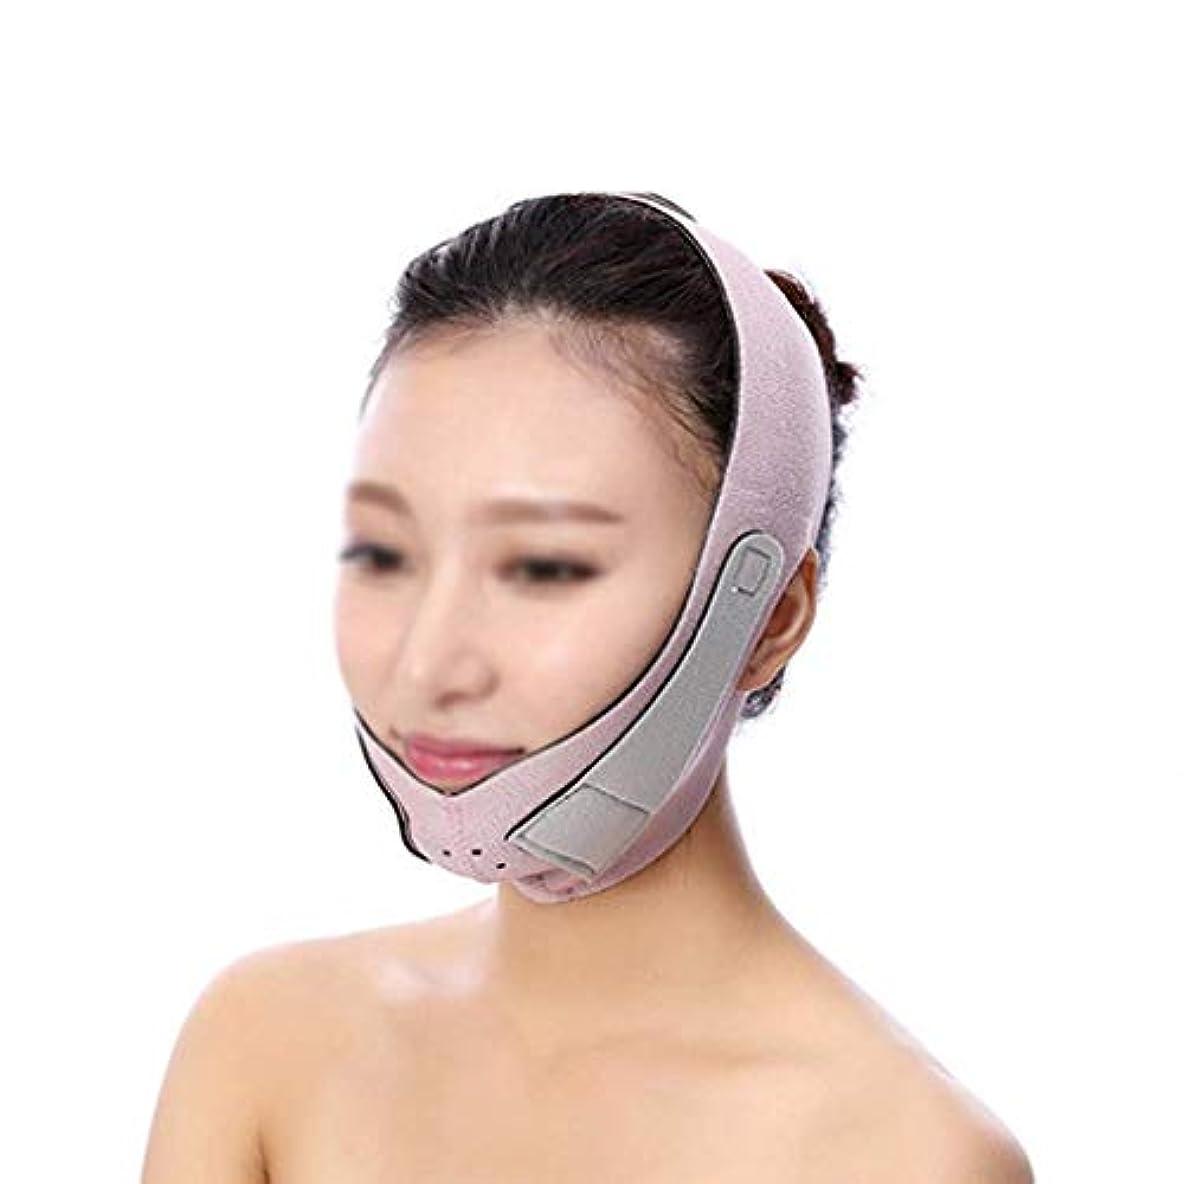 薄型フェイスマスク、フェイスリフティングに最適、フェイスバンドを持ち上げてスキン包帯を引き締める、チークチンリフティング、スキン包帯を引き締める(フリーサイズ)(カラー:オレンジ),紫の